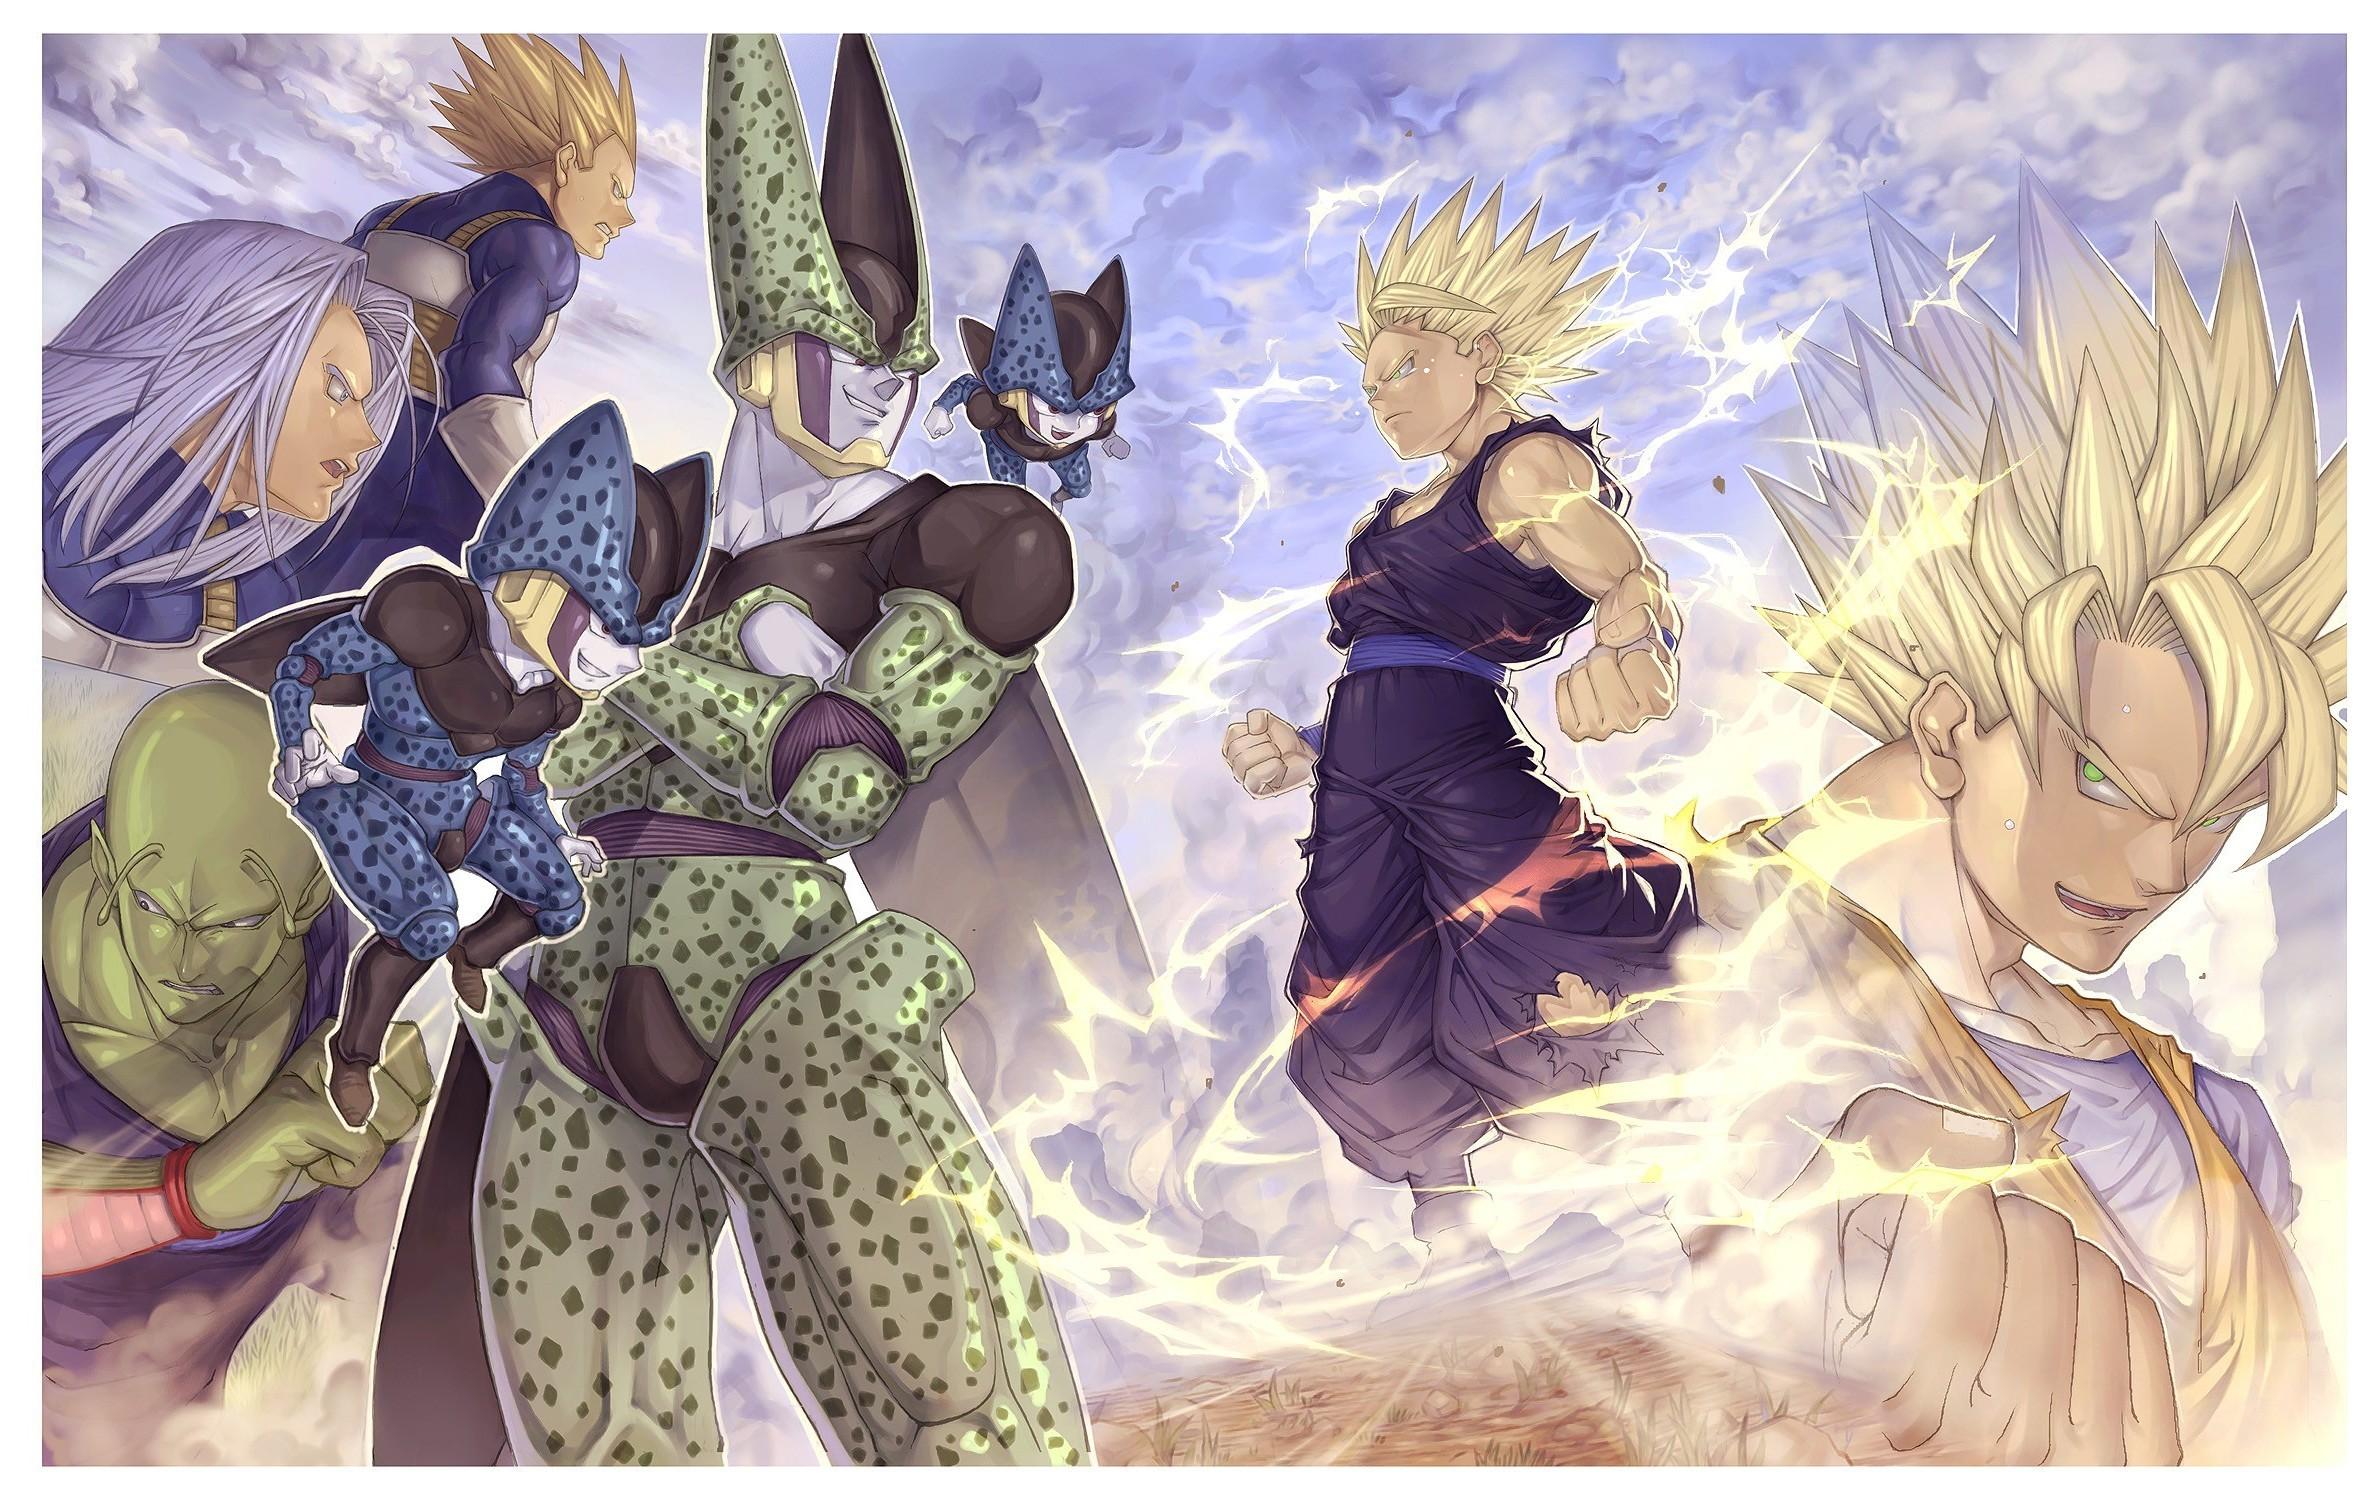 anime, Dragon Ball, Son Goku, Son Gohan, Vegeta, Trunks (character), Piccolo,  Cell (character), Dragon Ball Z Wallpapers HD / Desktop and Mobile  Backgrounds